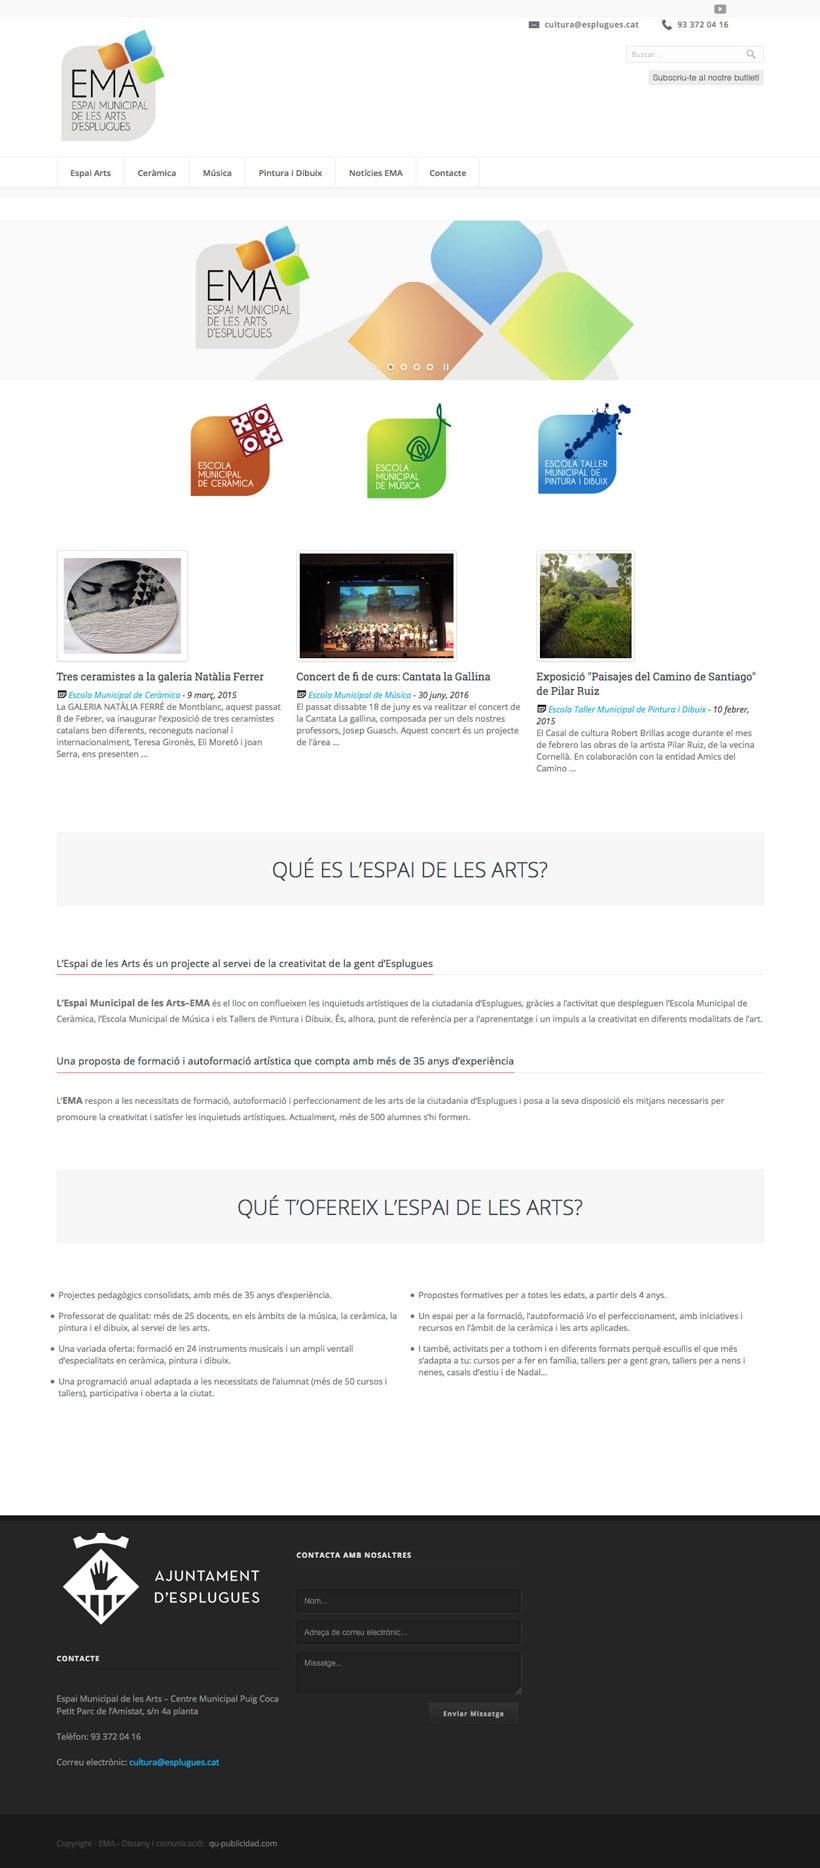 Espai Municipal de les Art d'Esplugues    Website 2